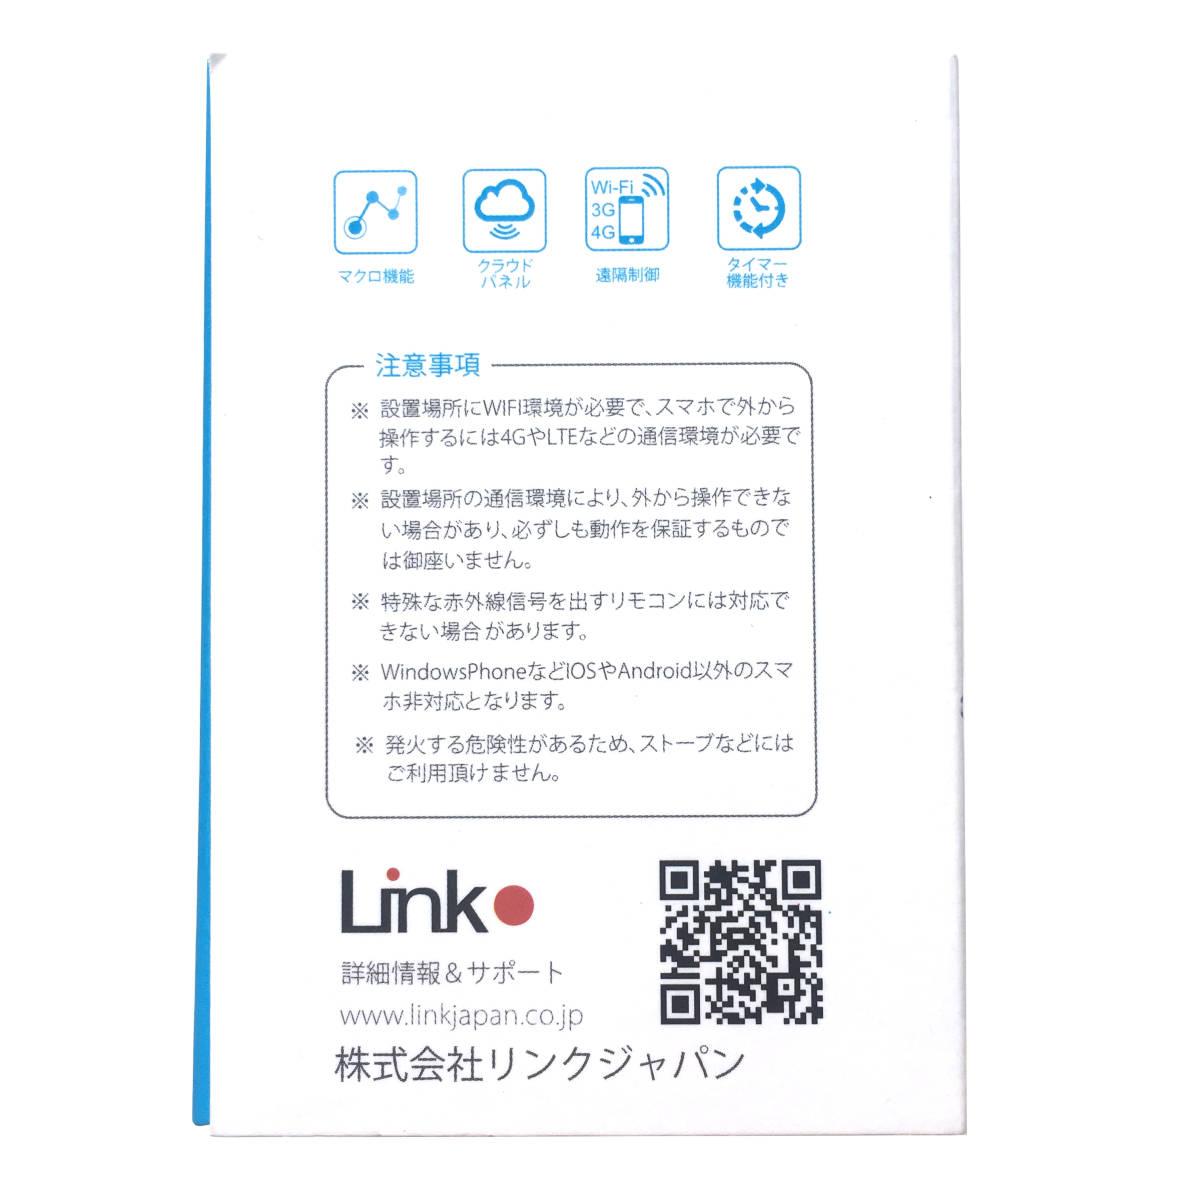 【新品・未開封】 Amazon echo show 5 Alexa 対応 スマートスピーカー + LinkJapan eRemote mini IoT リモコン セット IFTTT対応_画像10